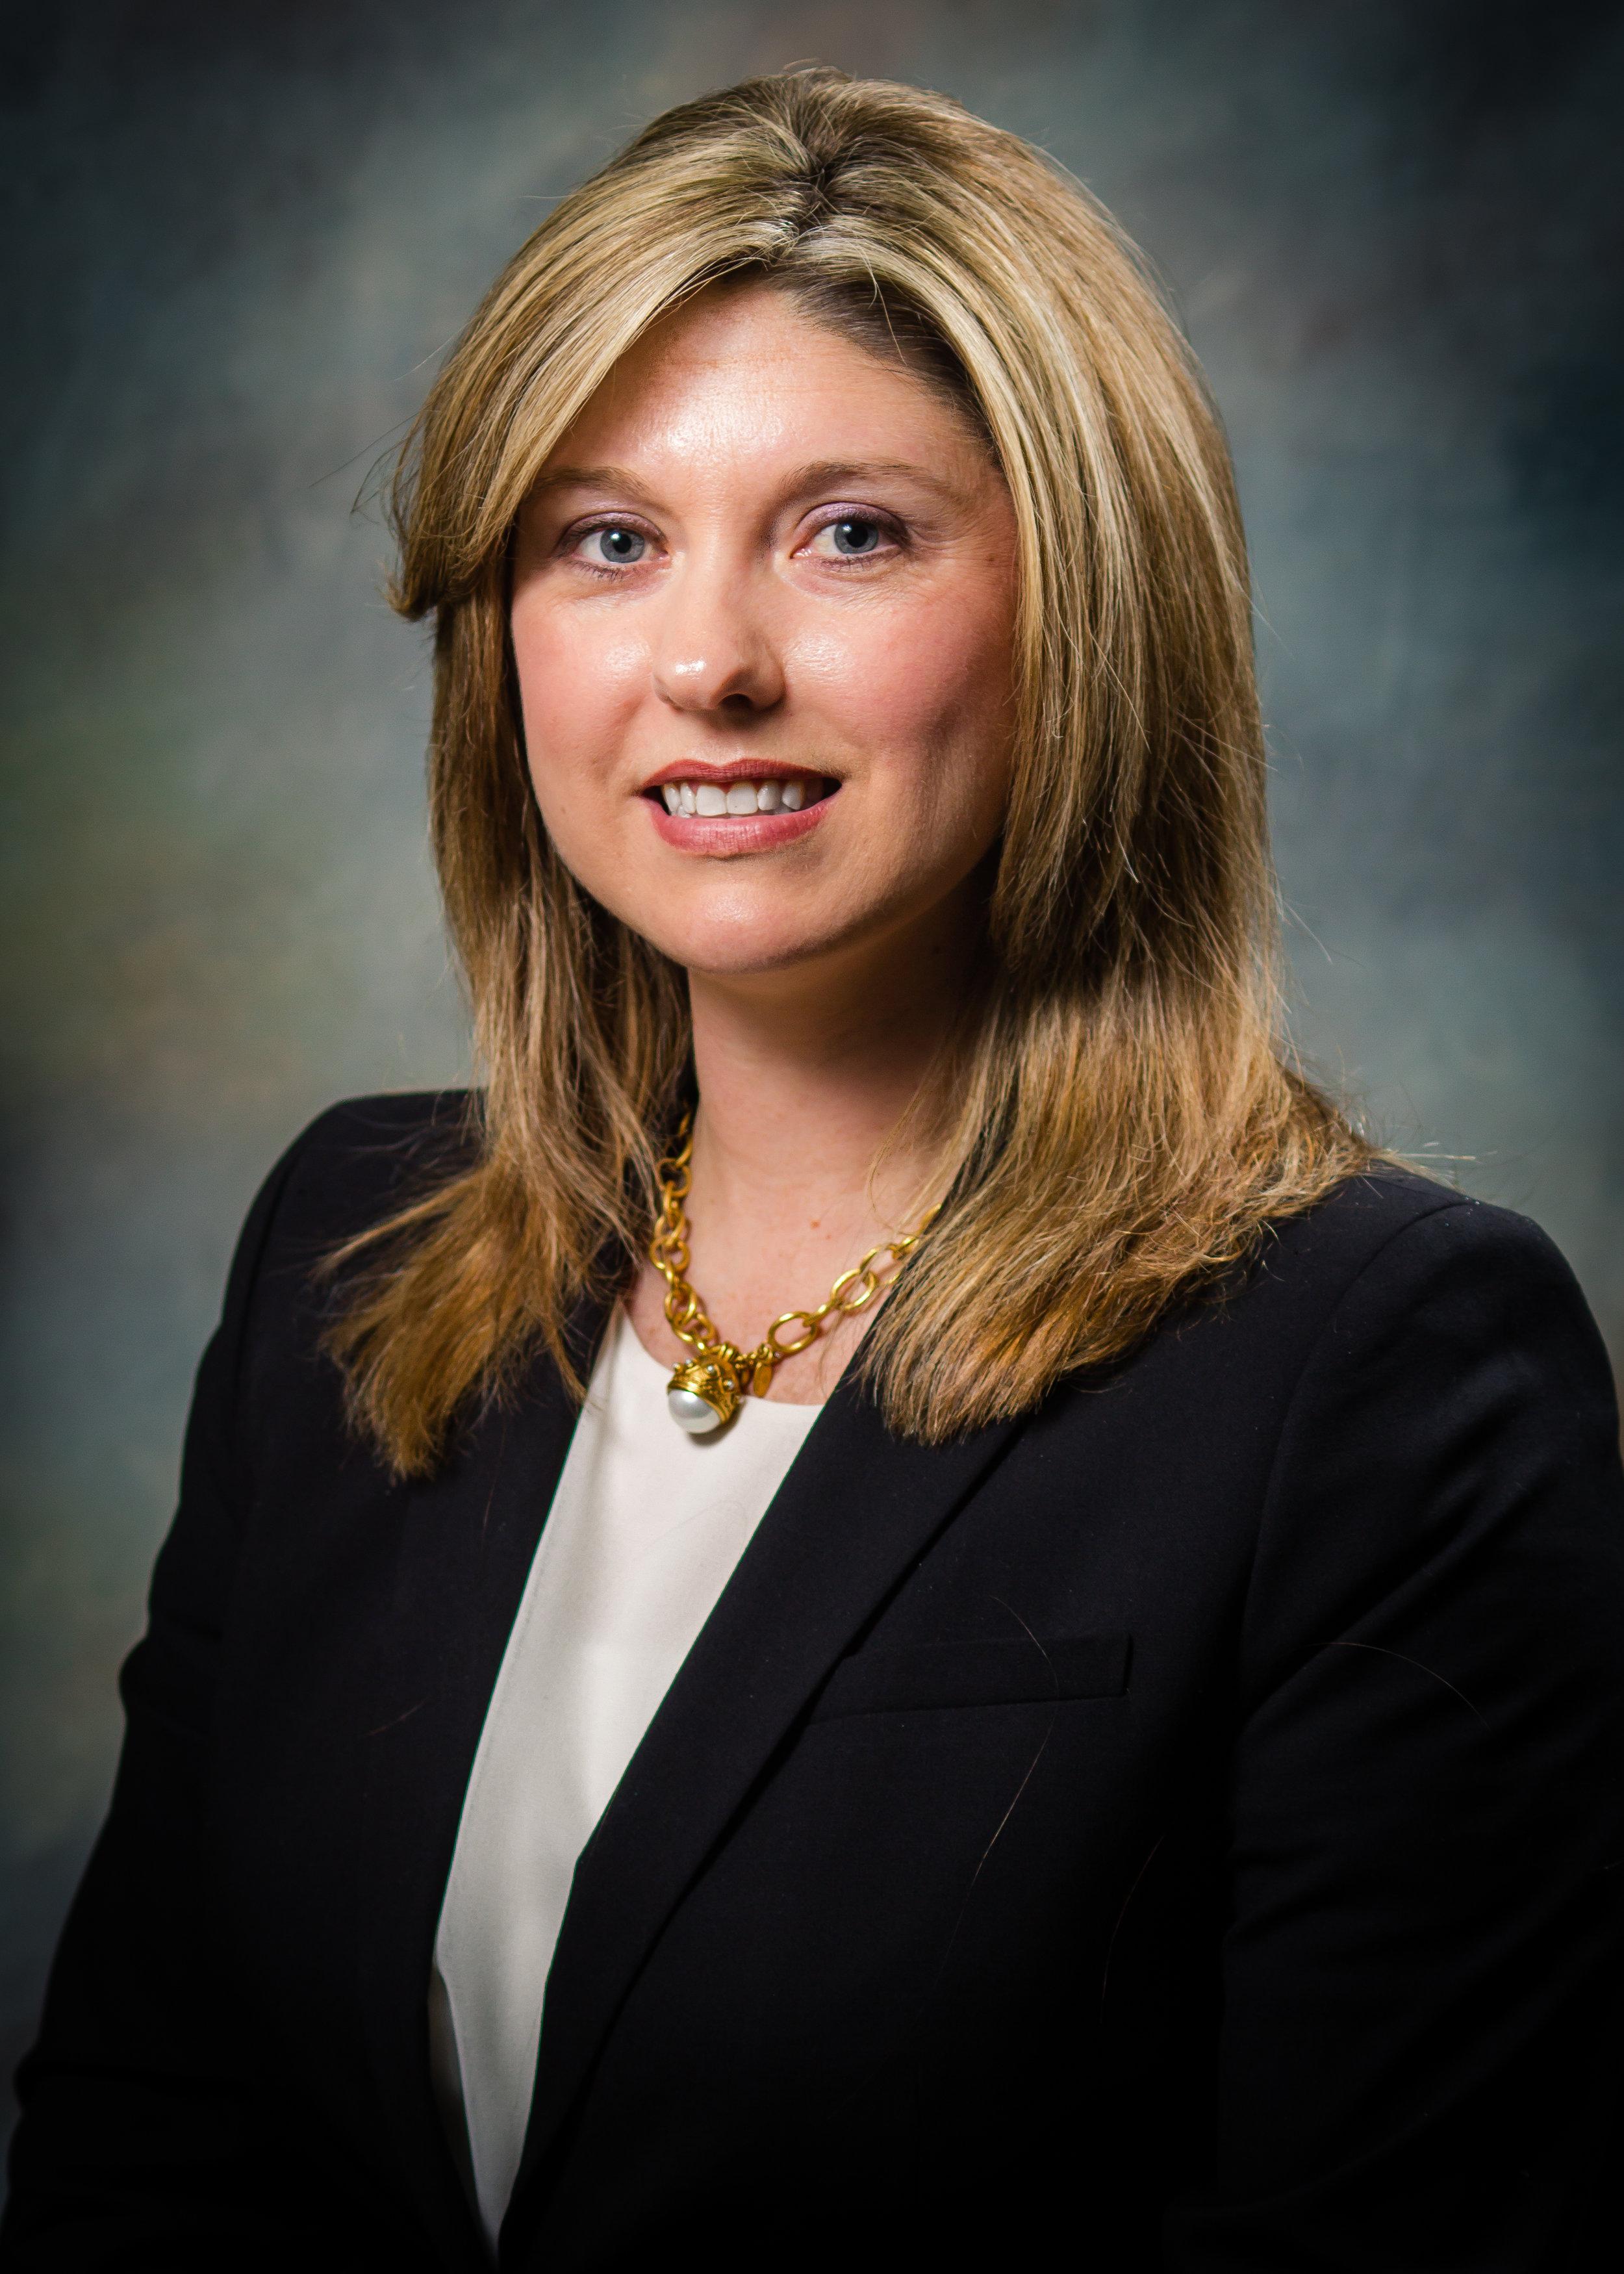 Allison Whitledge